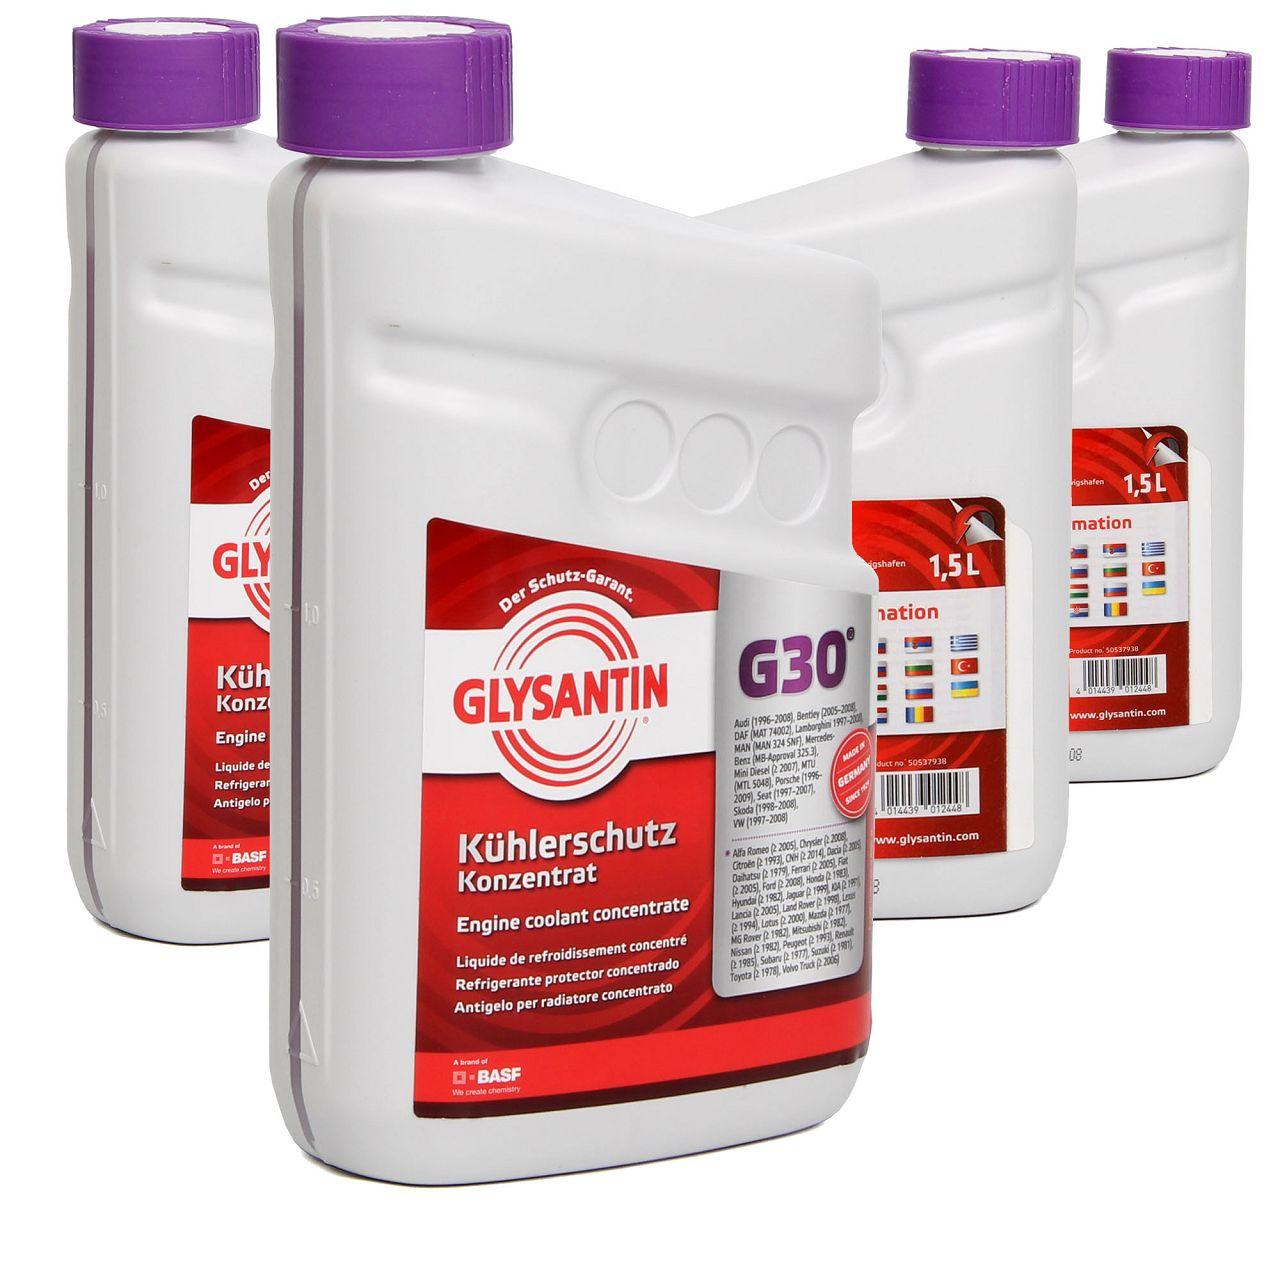 BASF GLYSANTIN Frostschutz Kühlerfrostschutz Konzentrat G30 PINK 6,0 L